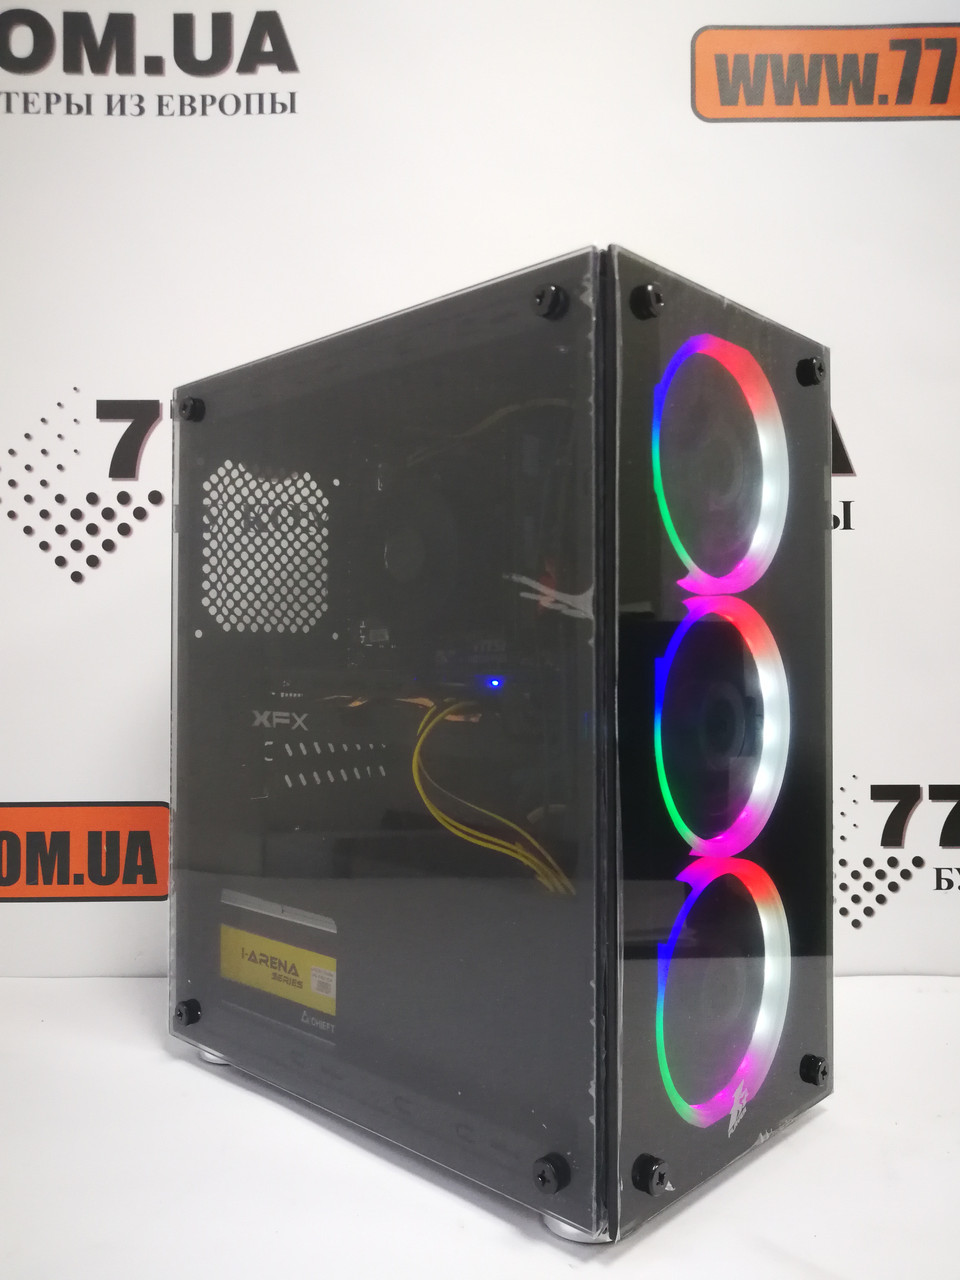 Игровой компьютер Intel Core i5-4570 (4 ядра), RAM 8ГБ, SSD 120ГБ, 500ГБ HDD, RX 580 8GB, 6 мес. гарантии